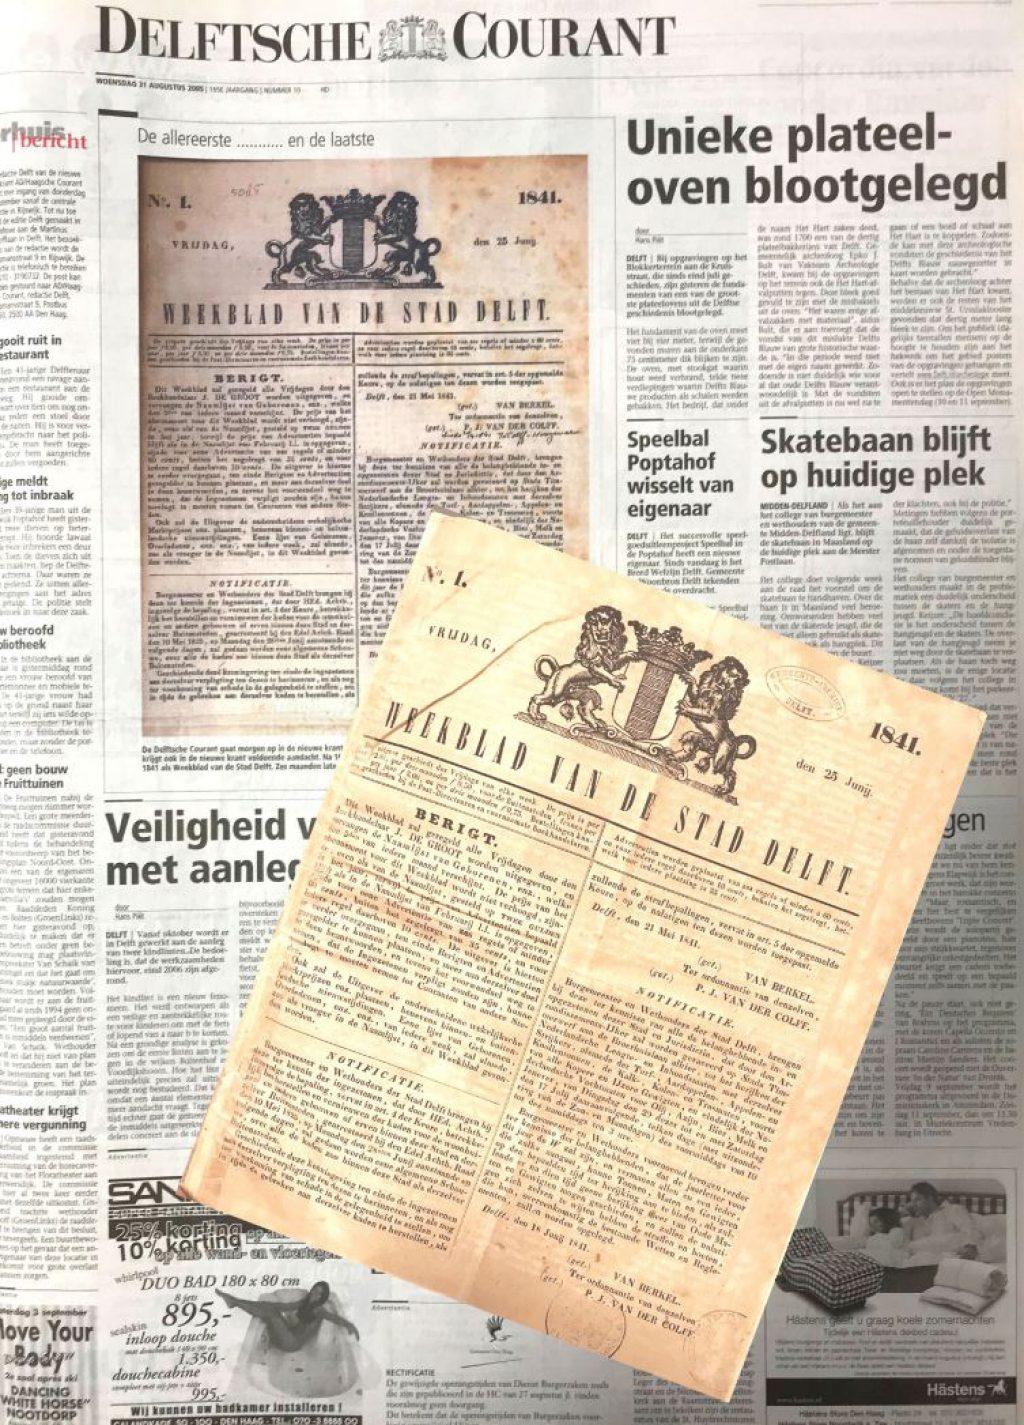 Delftsche Courant, de eerste van 25 juni 1841 en de laatste van 31 augustus 2005. (Bibliotheek)